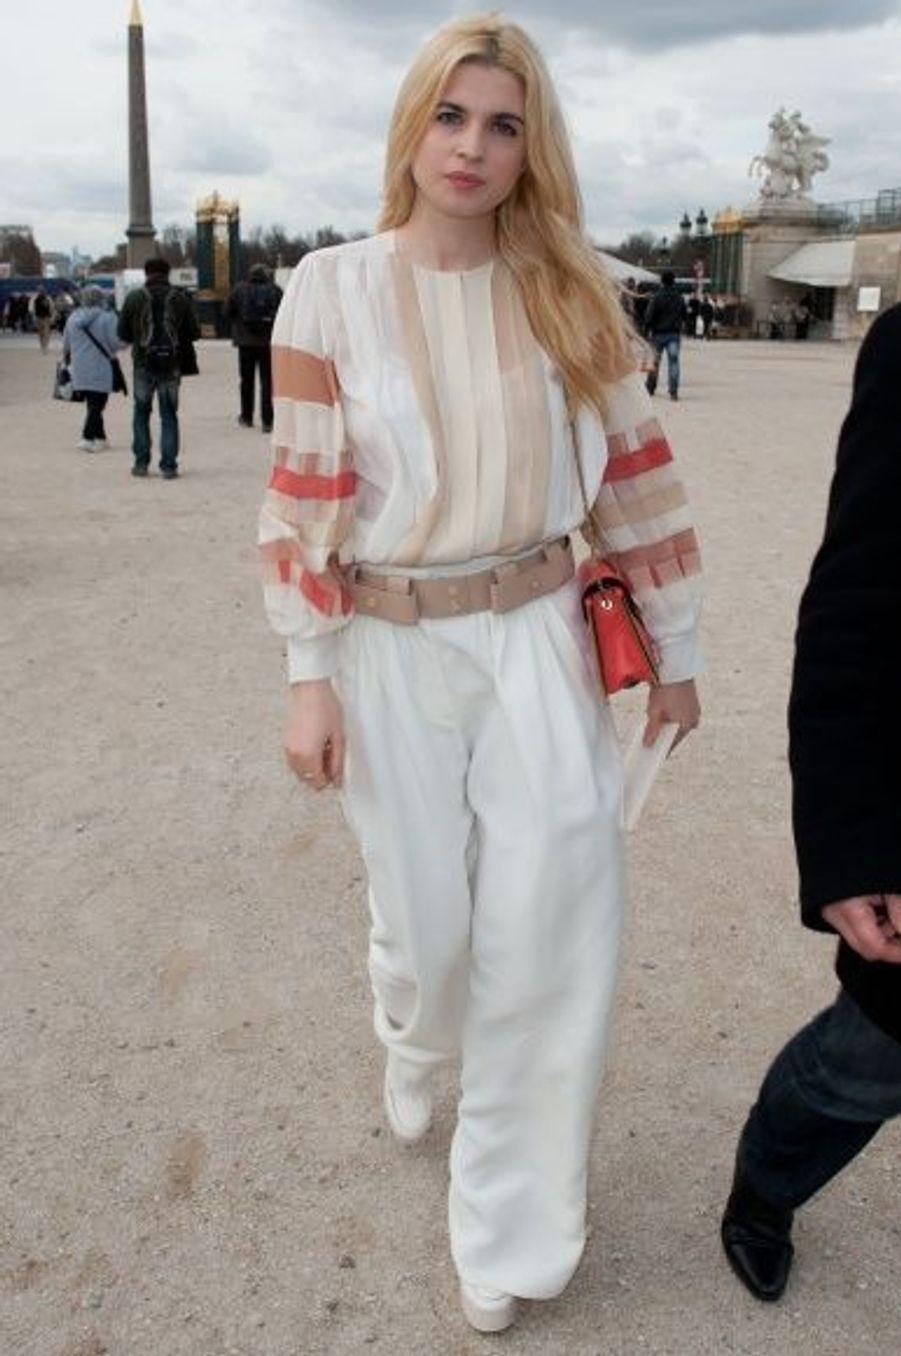 Le 5 mars, lors de la présentation de la collection Chloé.